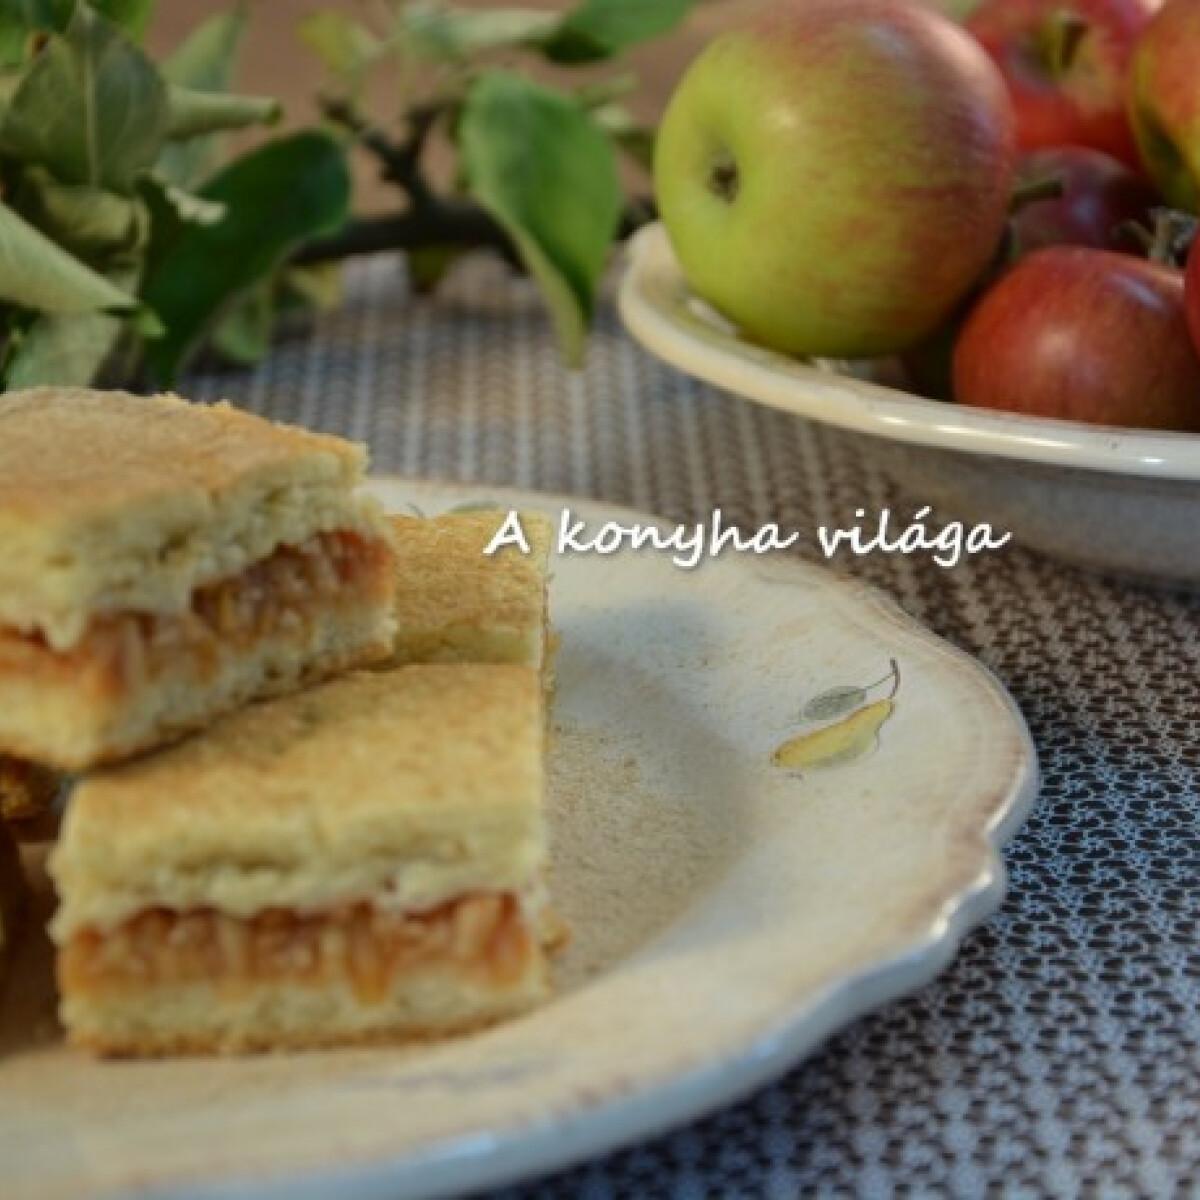 Almás lepény ahogy a konyha világa készíti